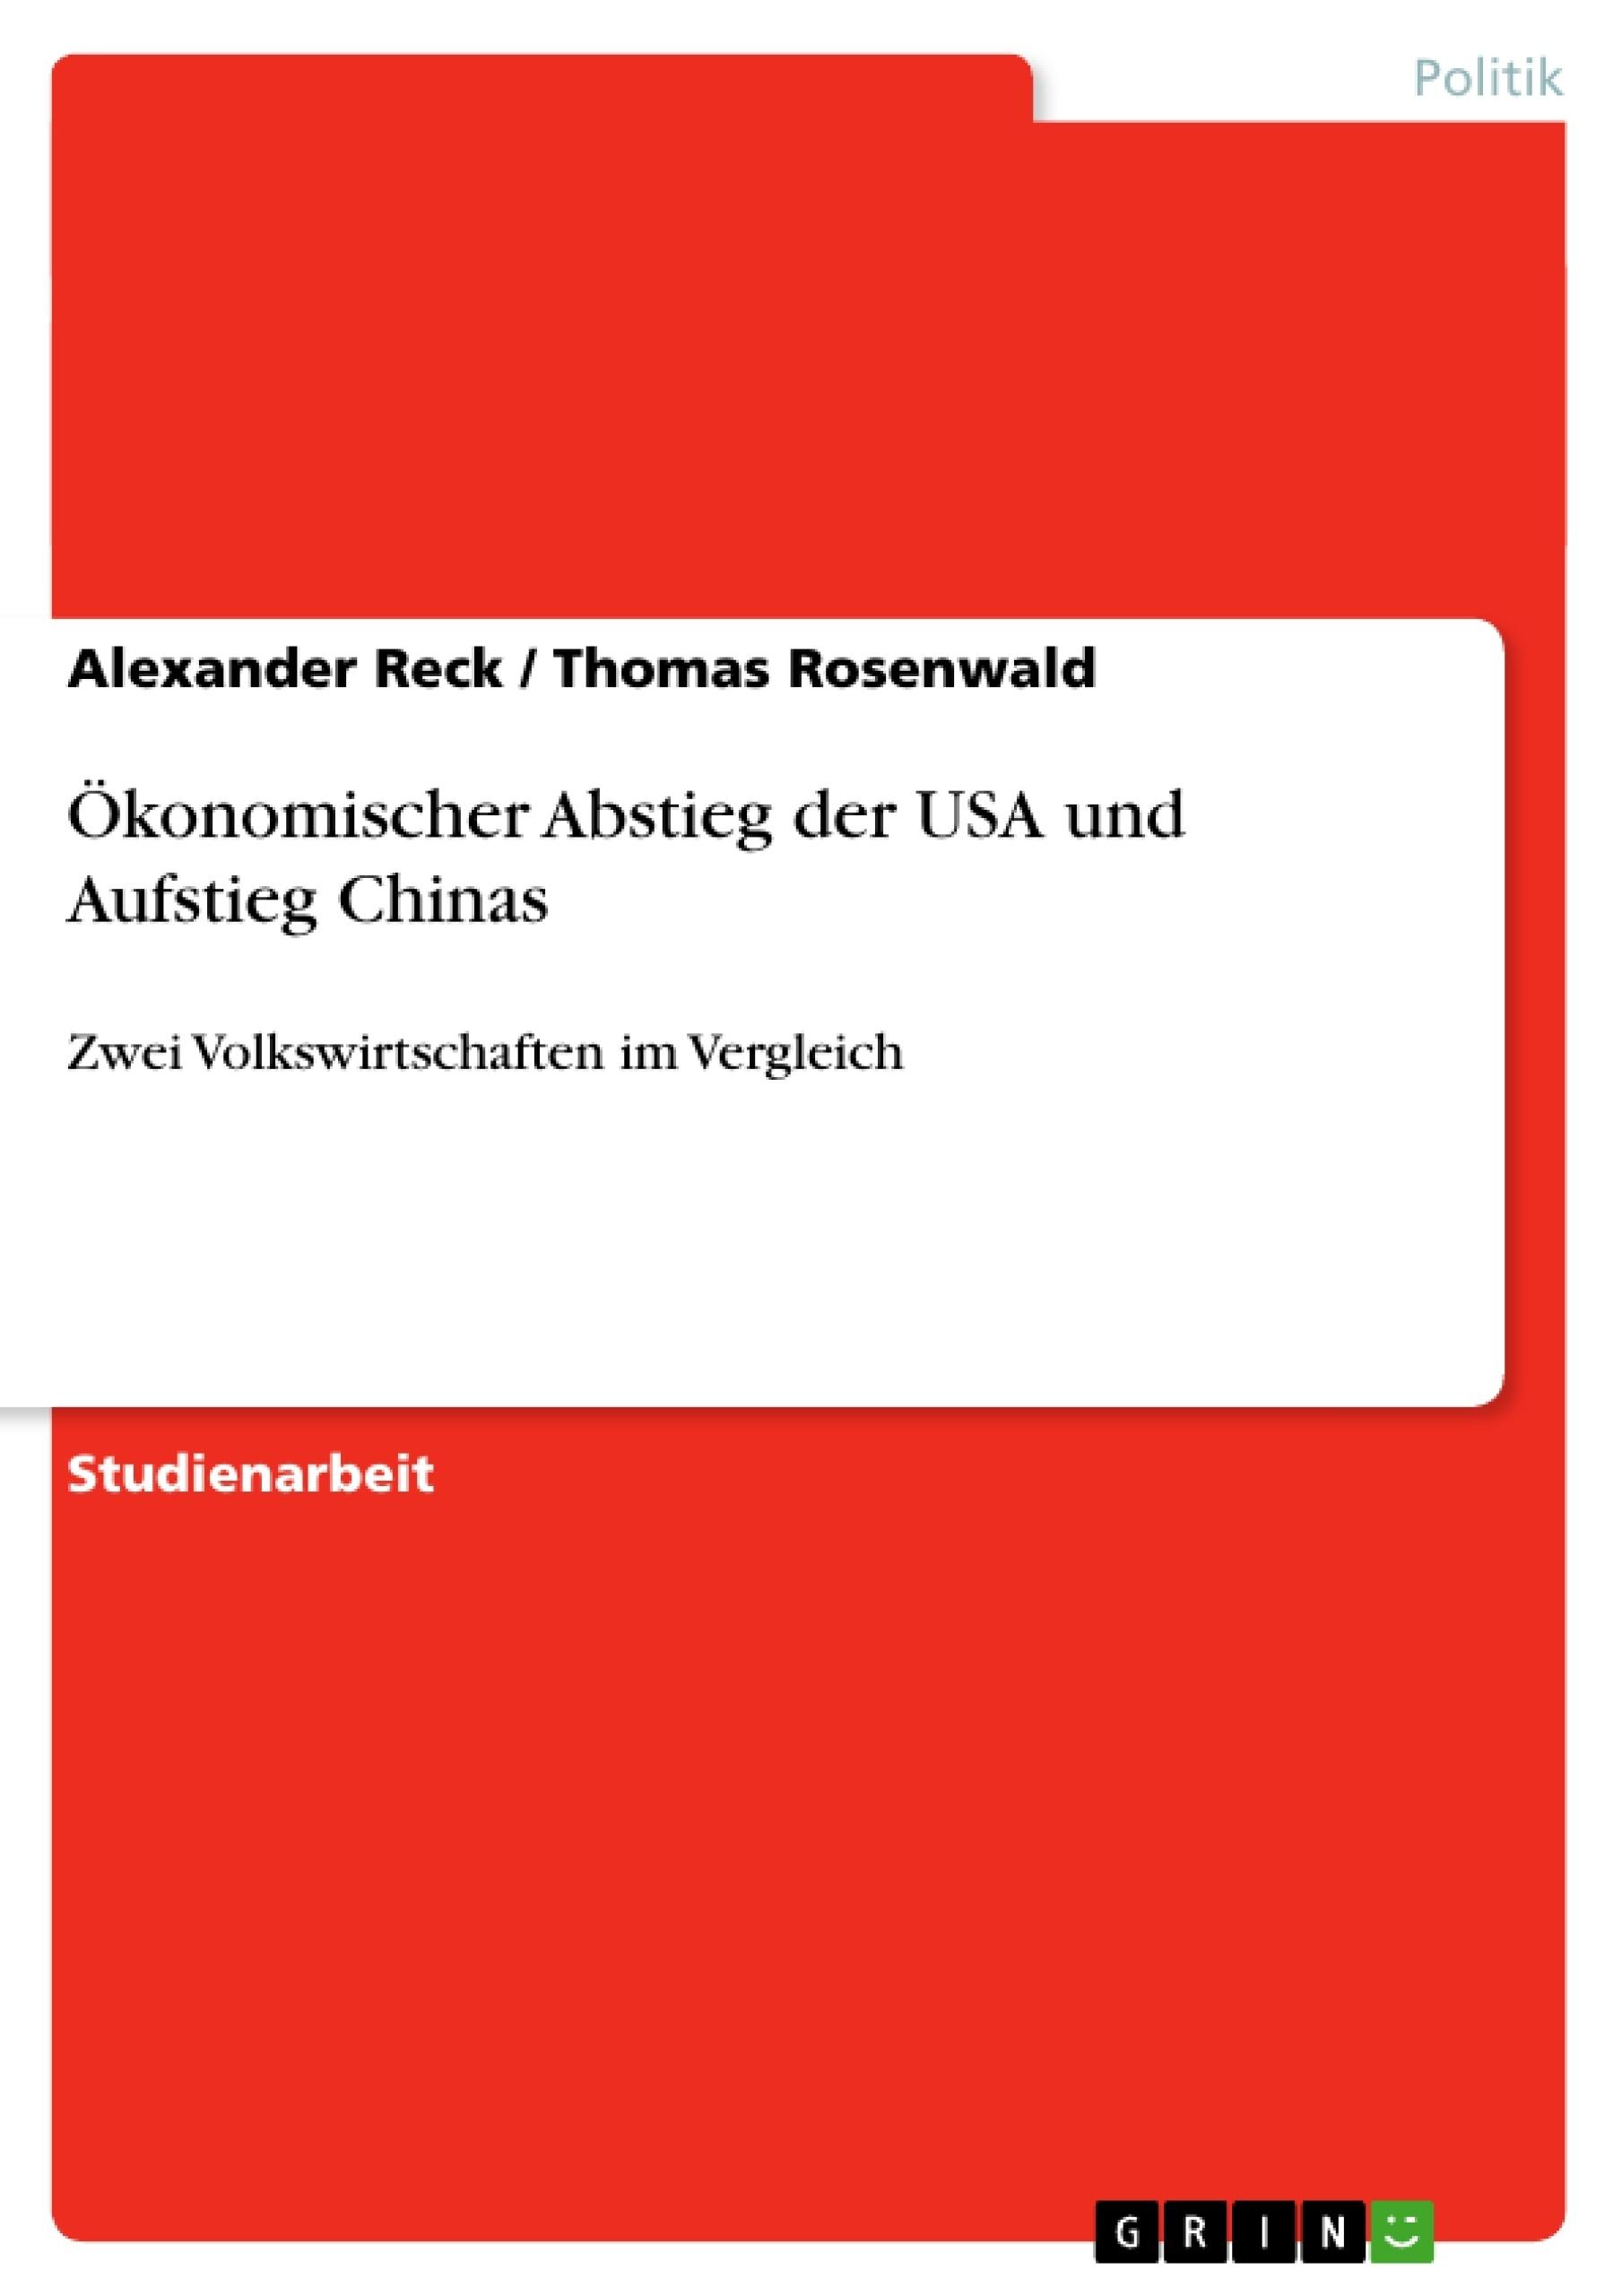 Titel: Ökonomischer Abstieg der USA und Aufstieg Chinas